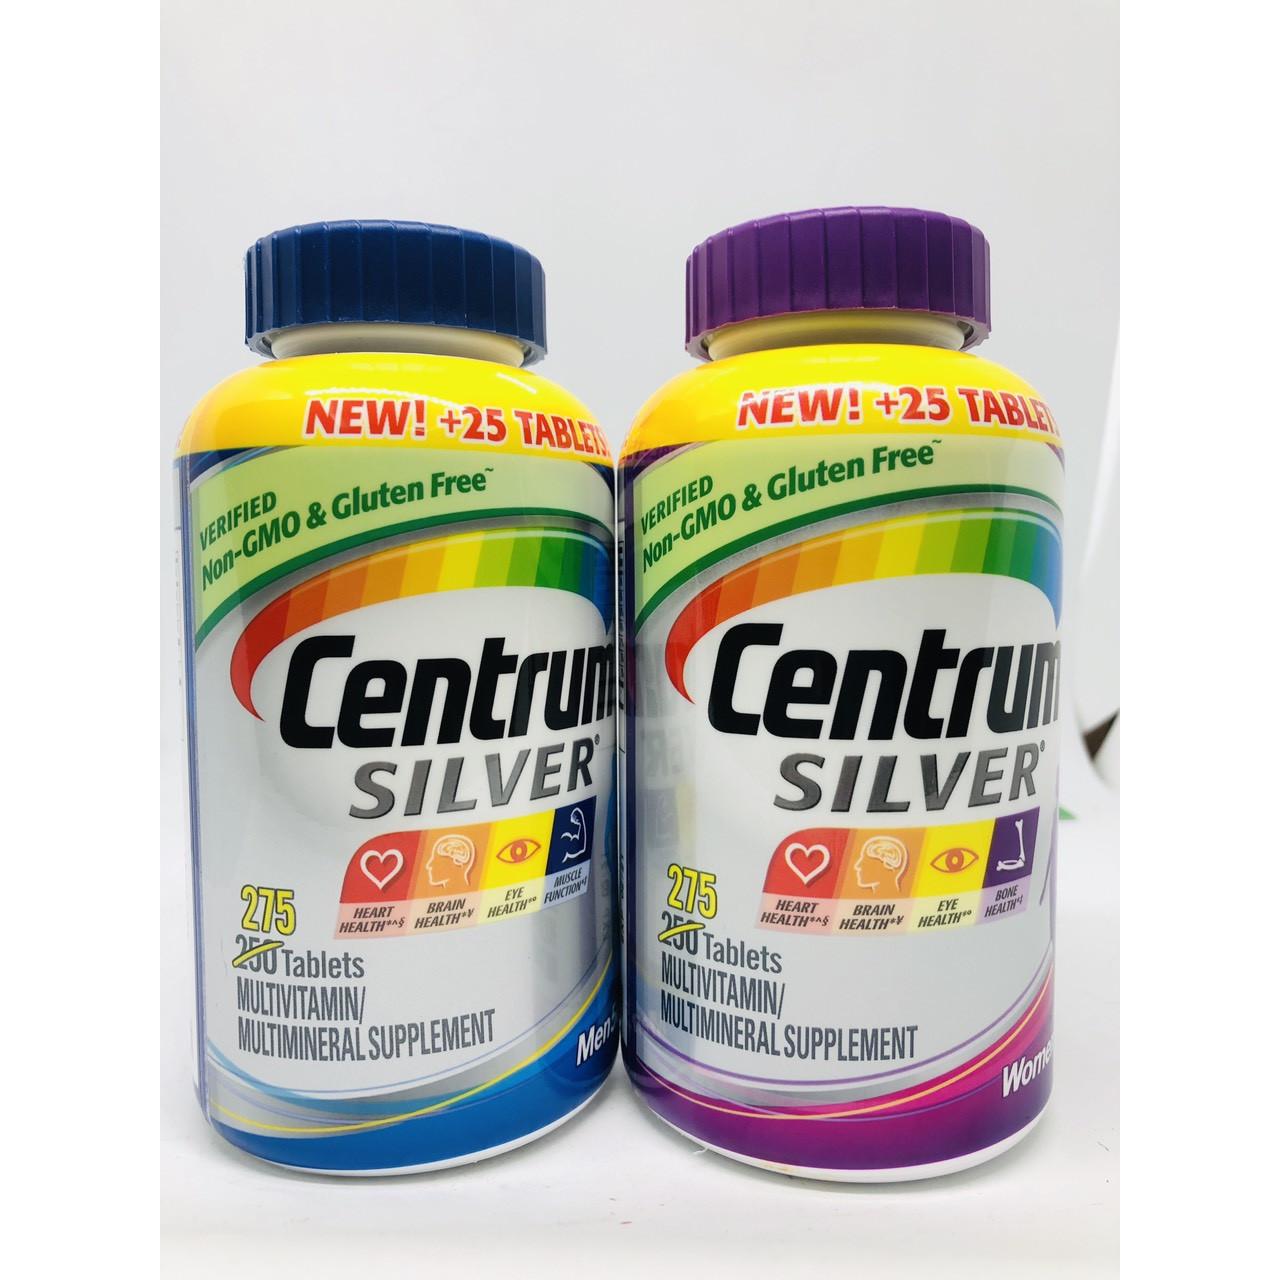 COMBO Thực phẩm bổ sung Centrm Men  Women Silver 50+ 275 viên mẫu mới của Mỹ GIÚP BỔ SUNG VITAMIN VÀ KHOÁNG CHẤT